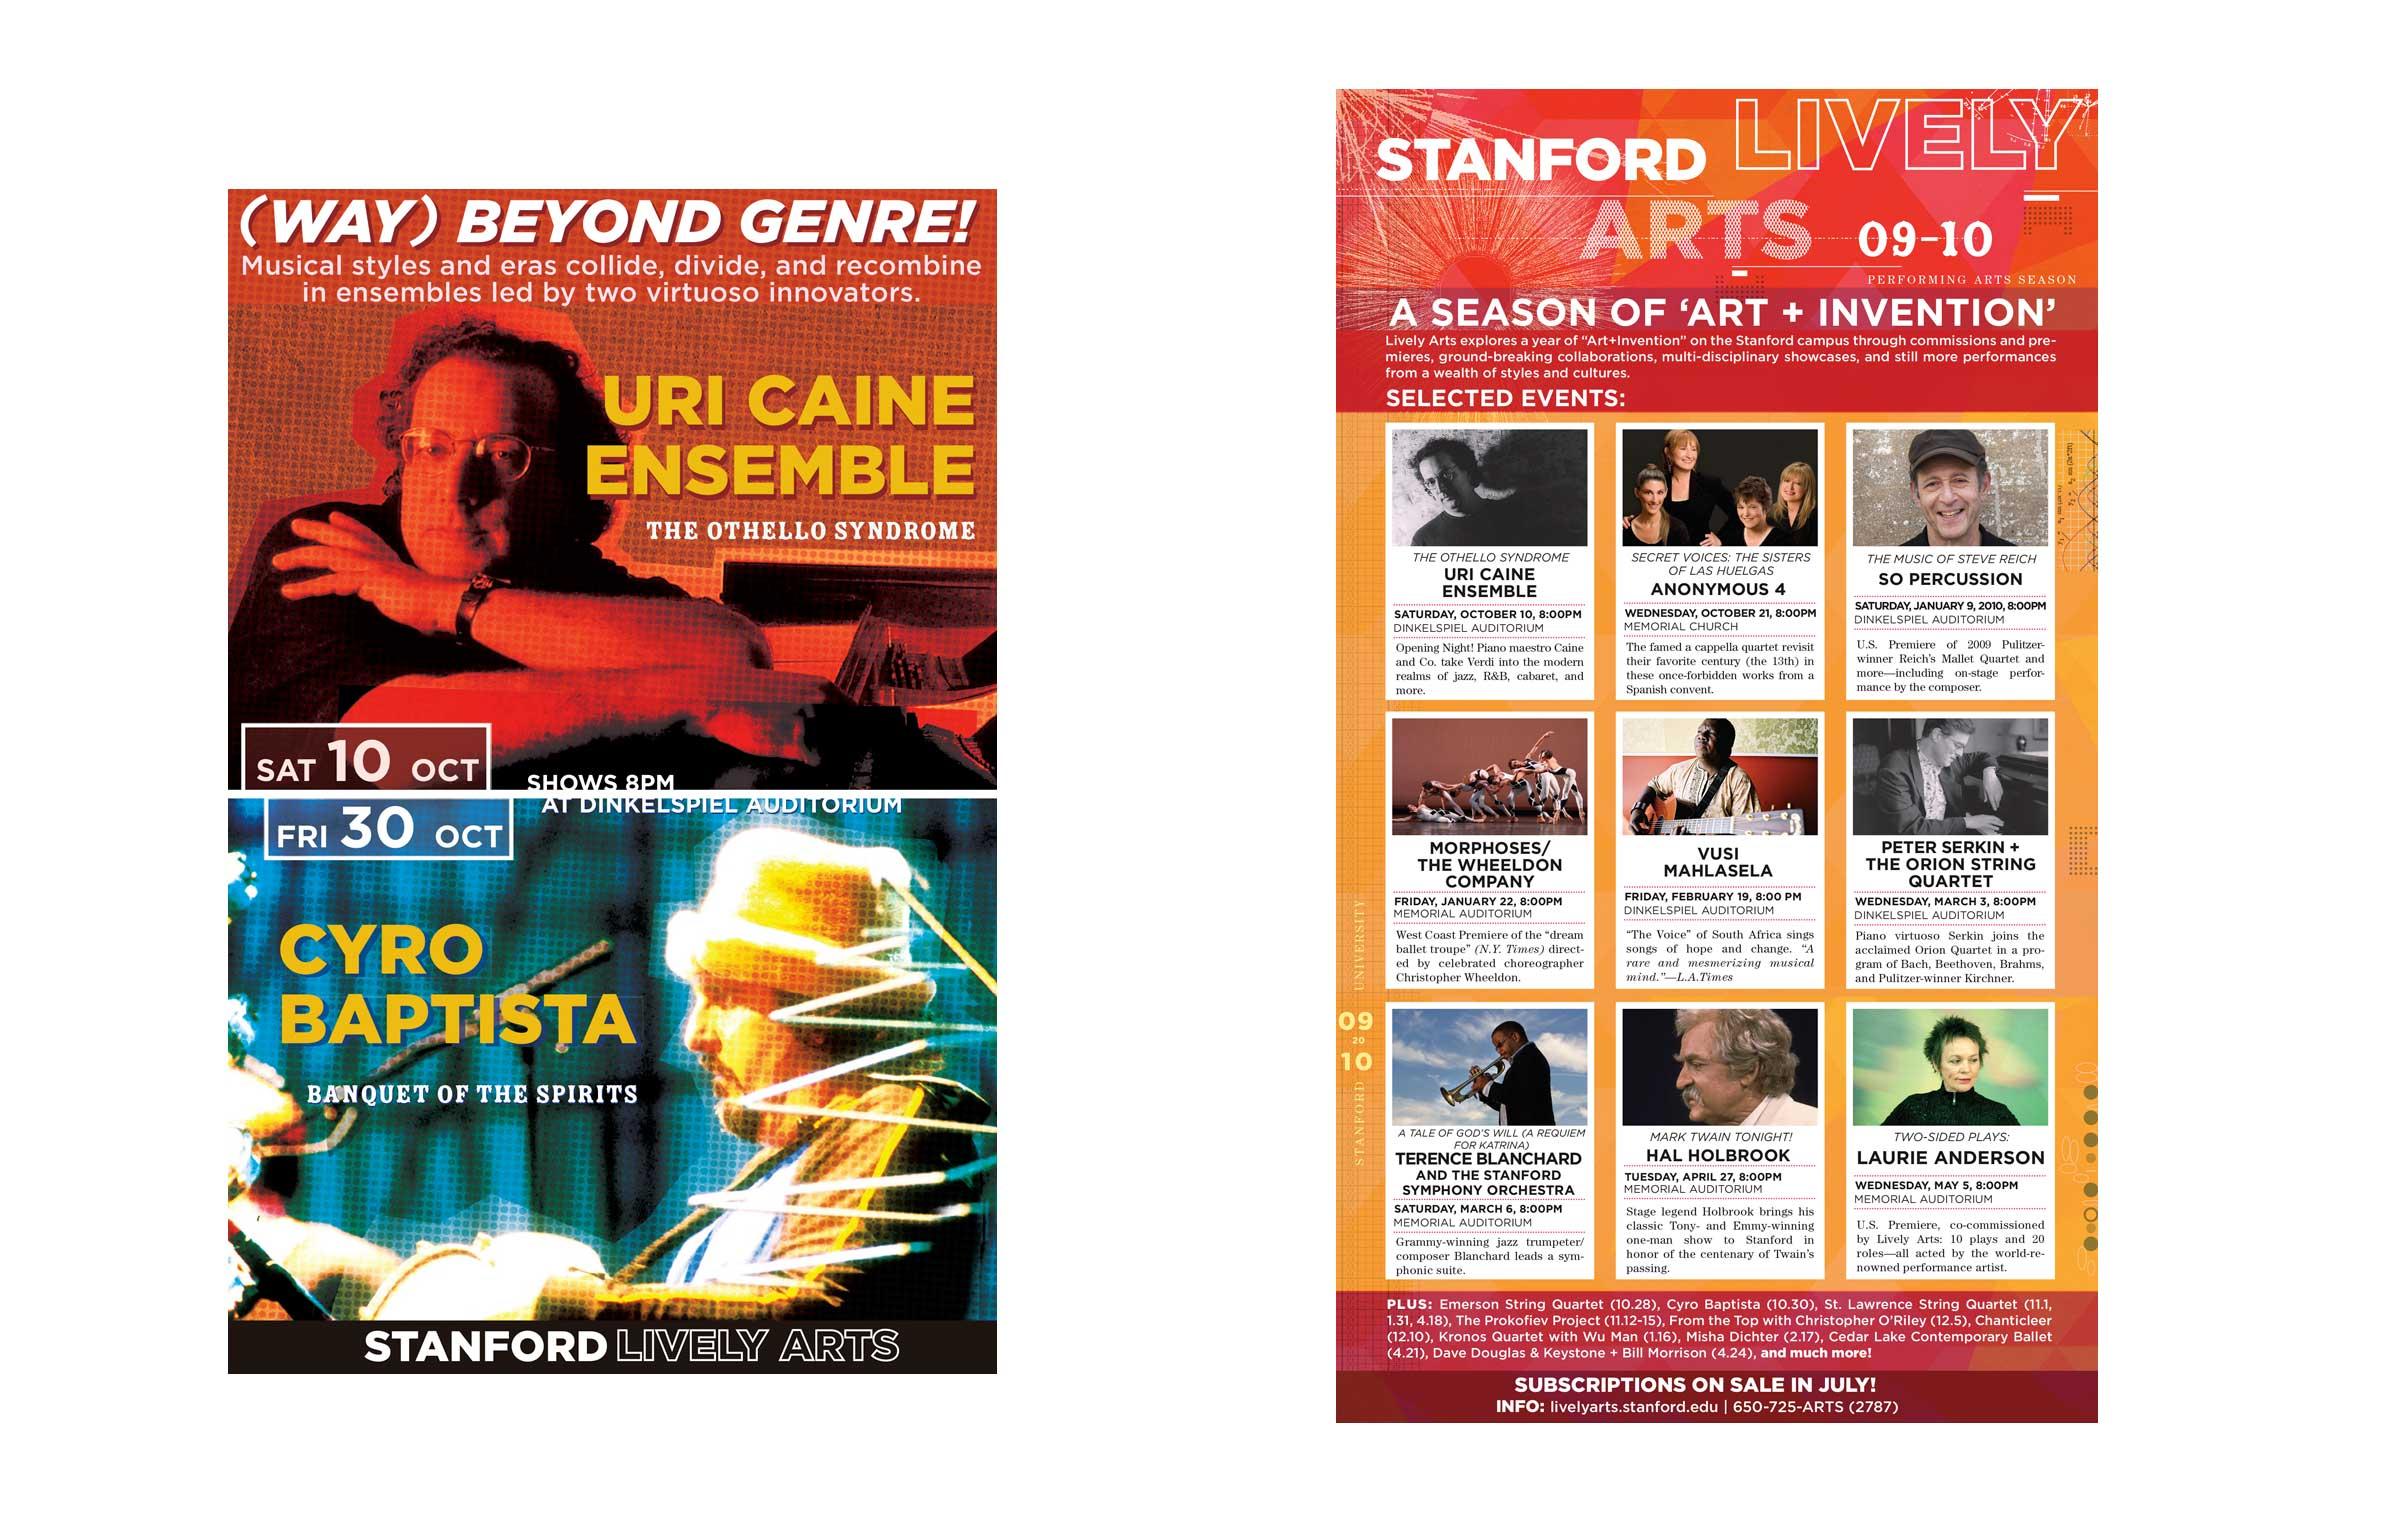 Stanford_LivelyArts_02.jpg